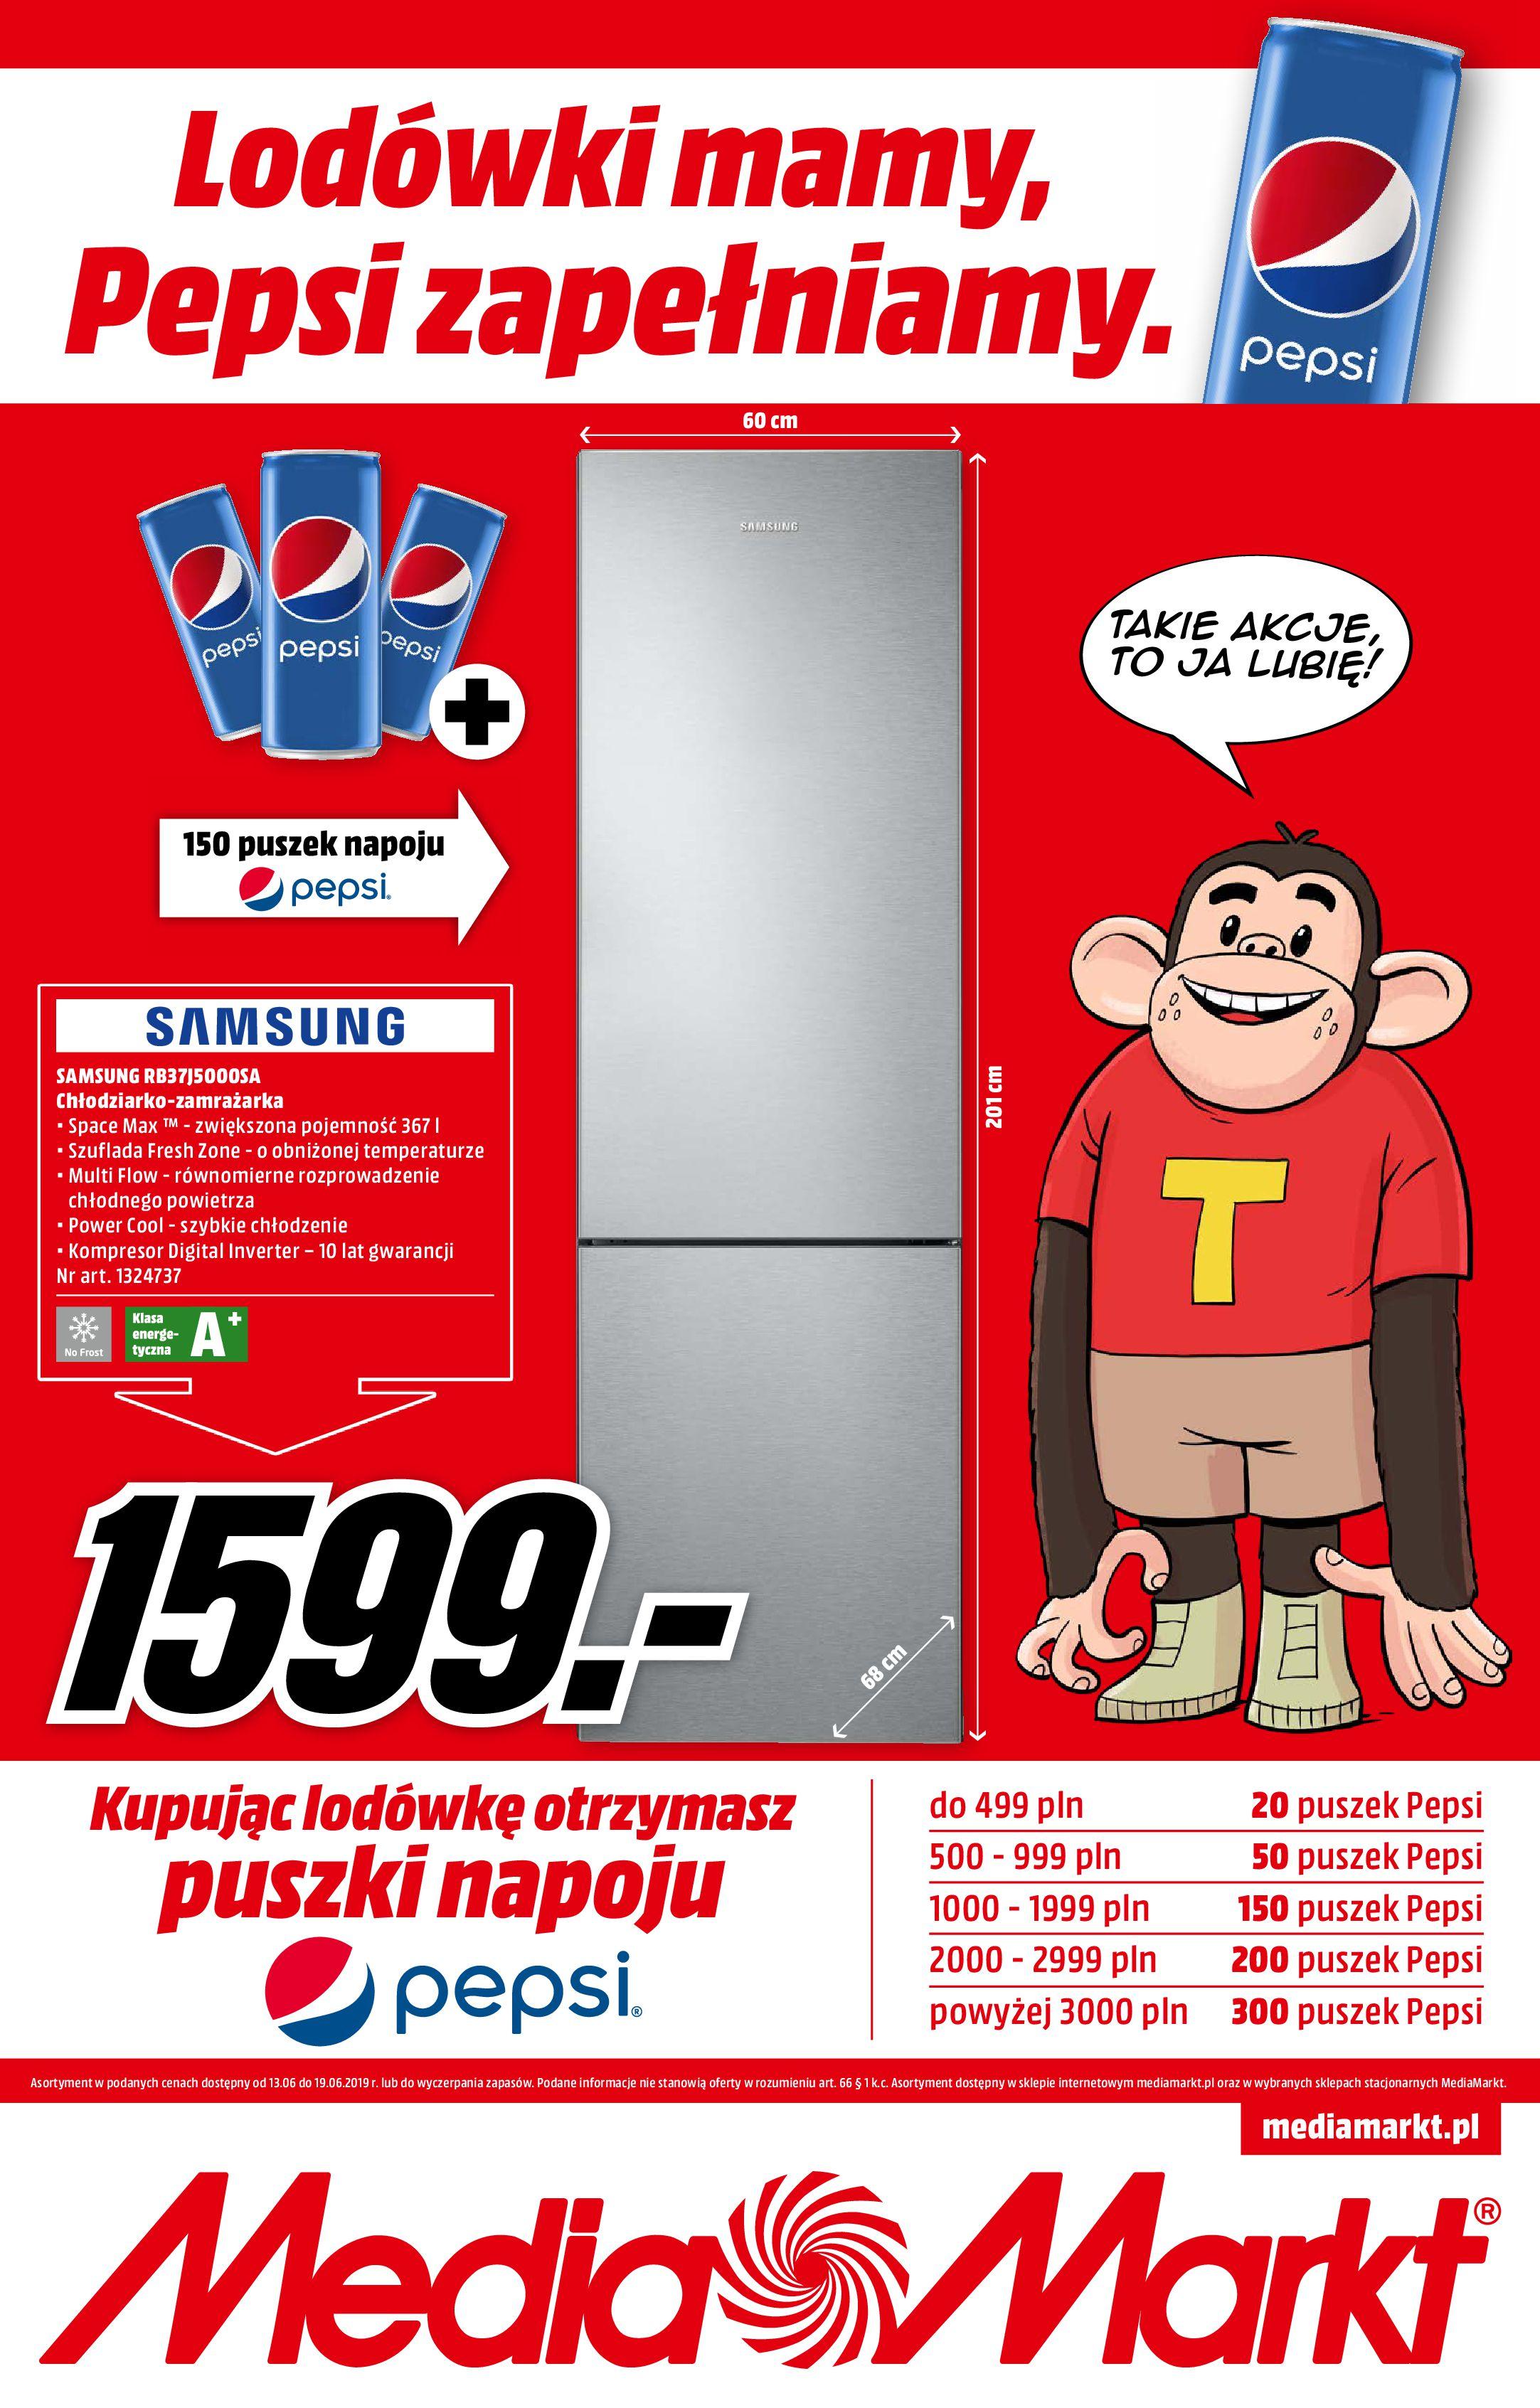 Gazetka Media Markt - Lodówki mamy, Pepsi zapełniamy.-12.06.2019-19.06.2019-page-